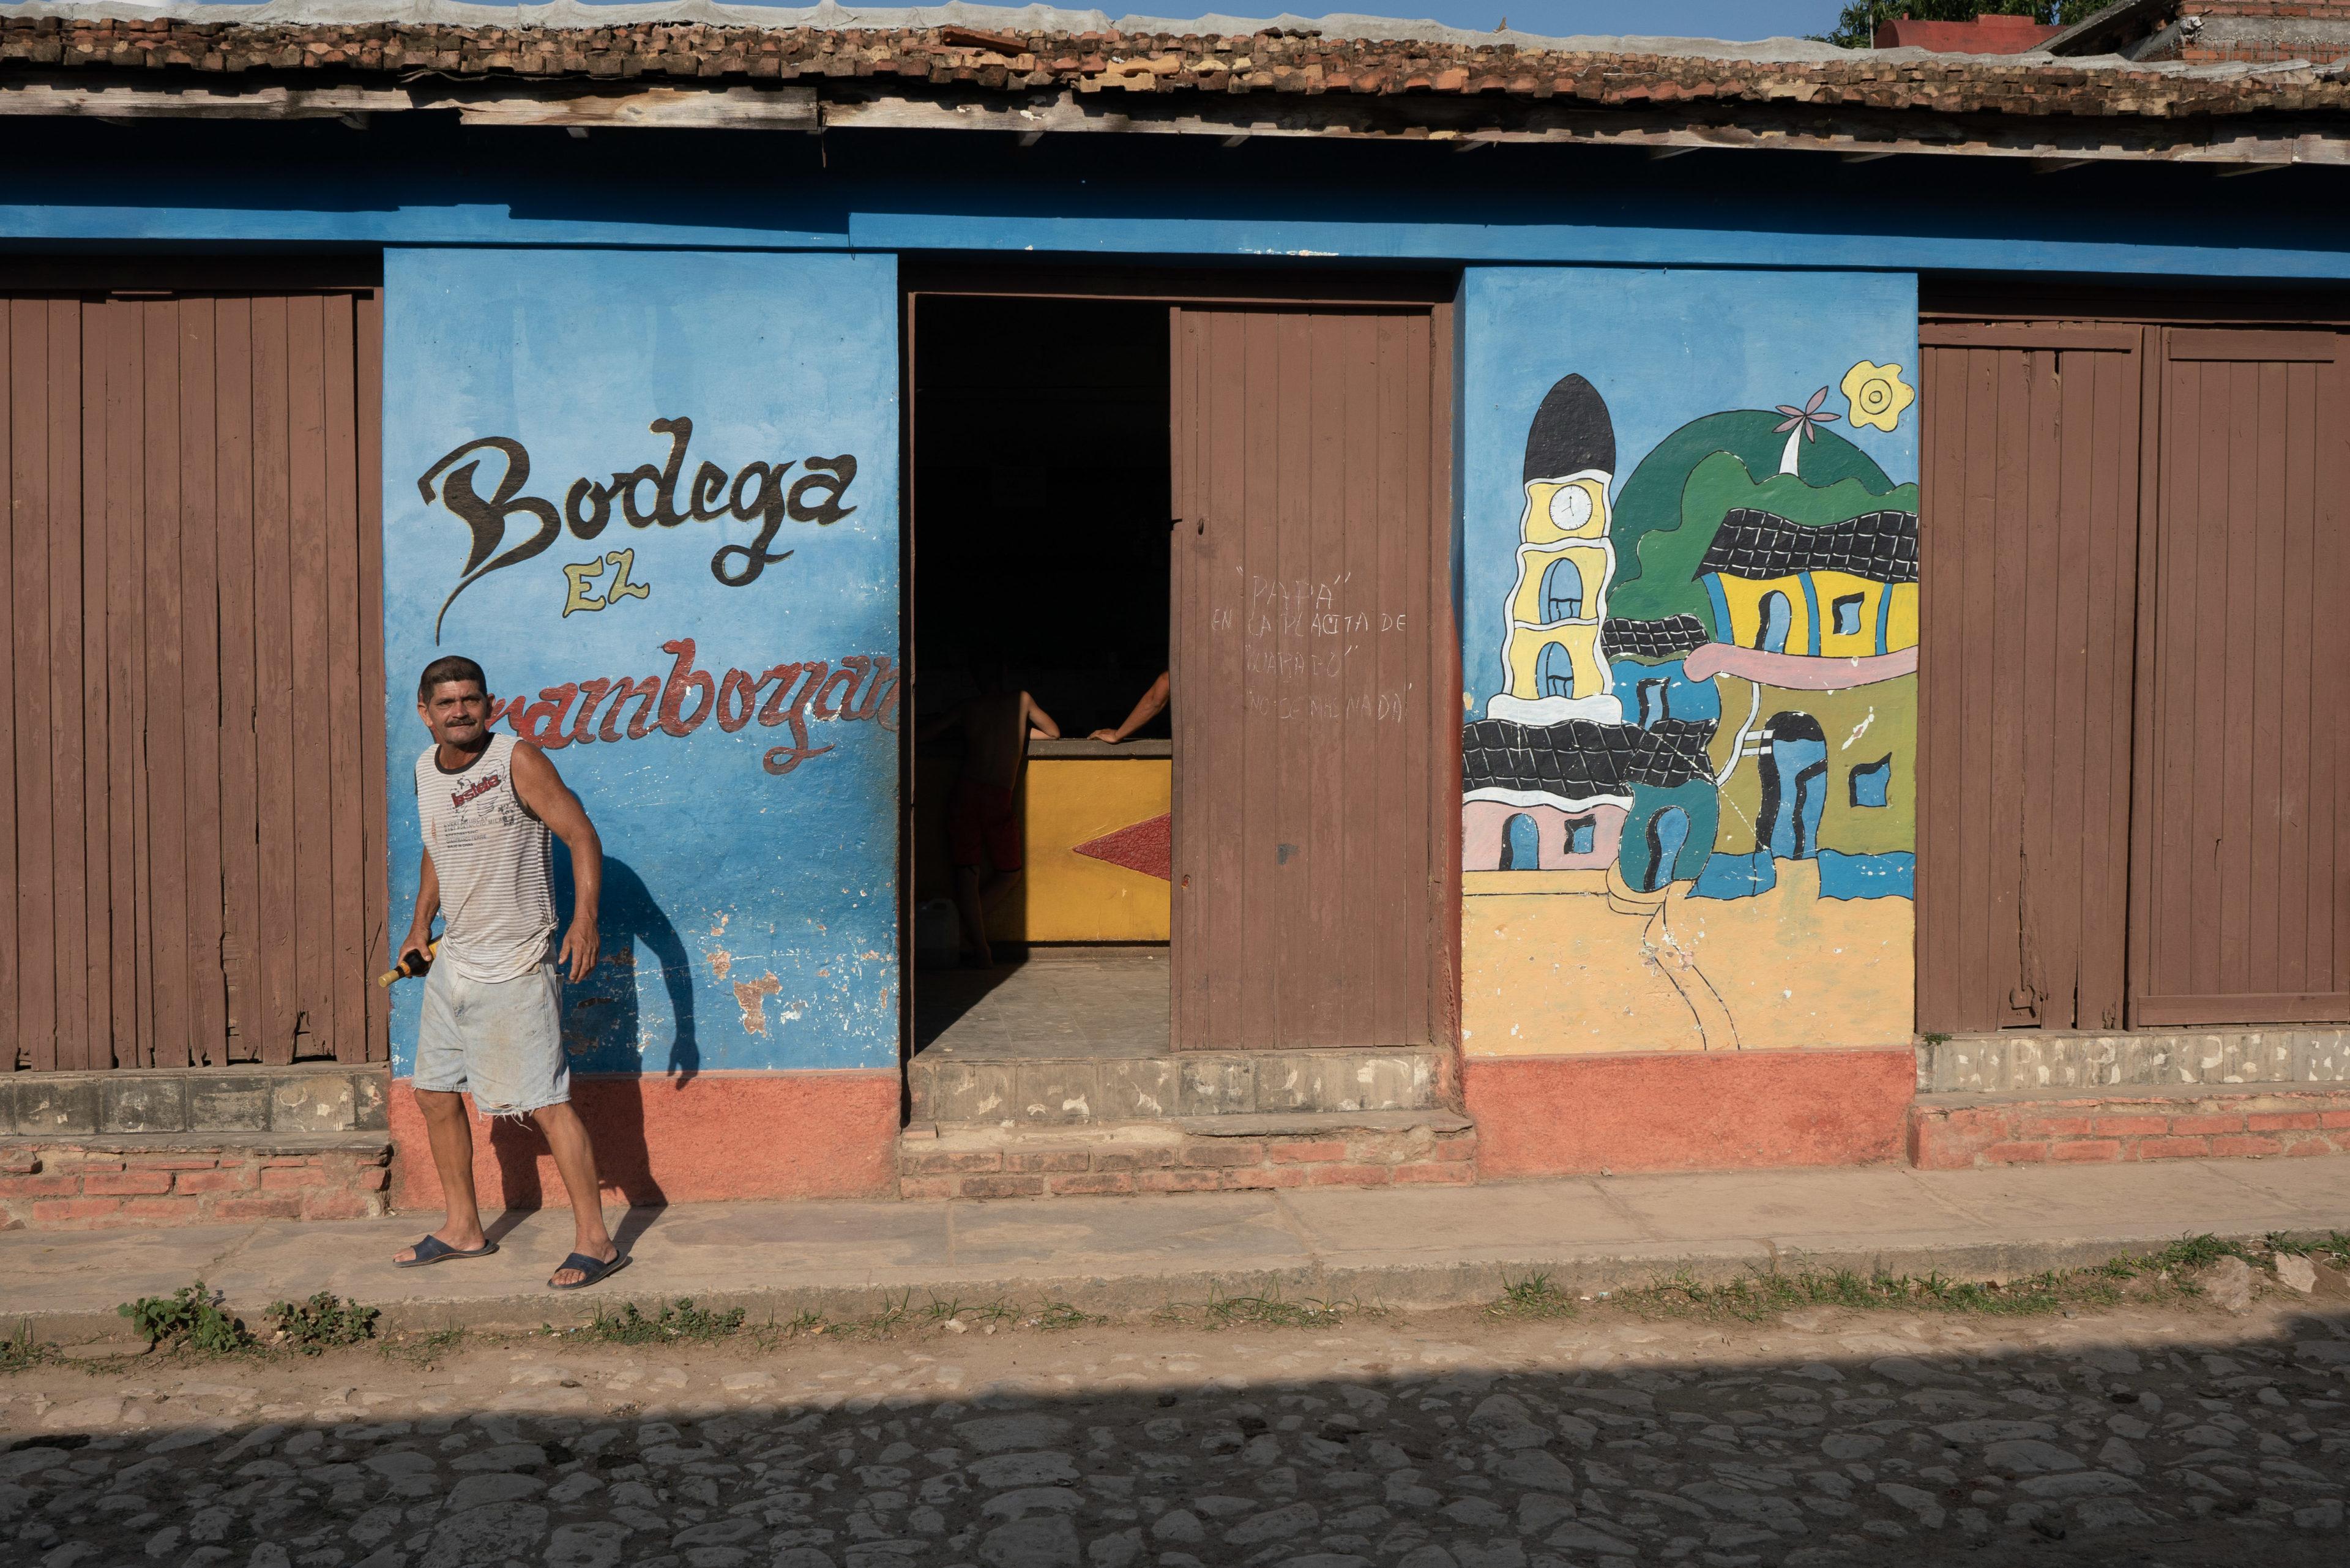 Bodega in Kuba